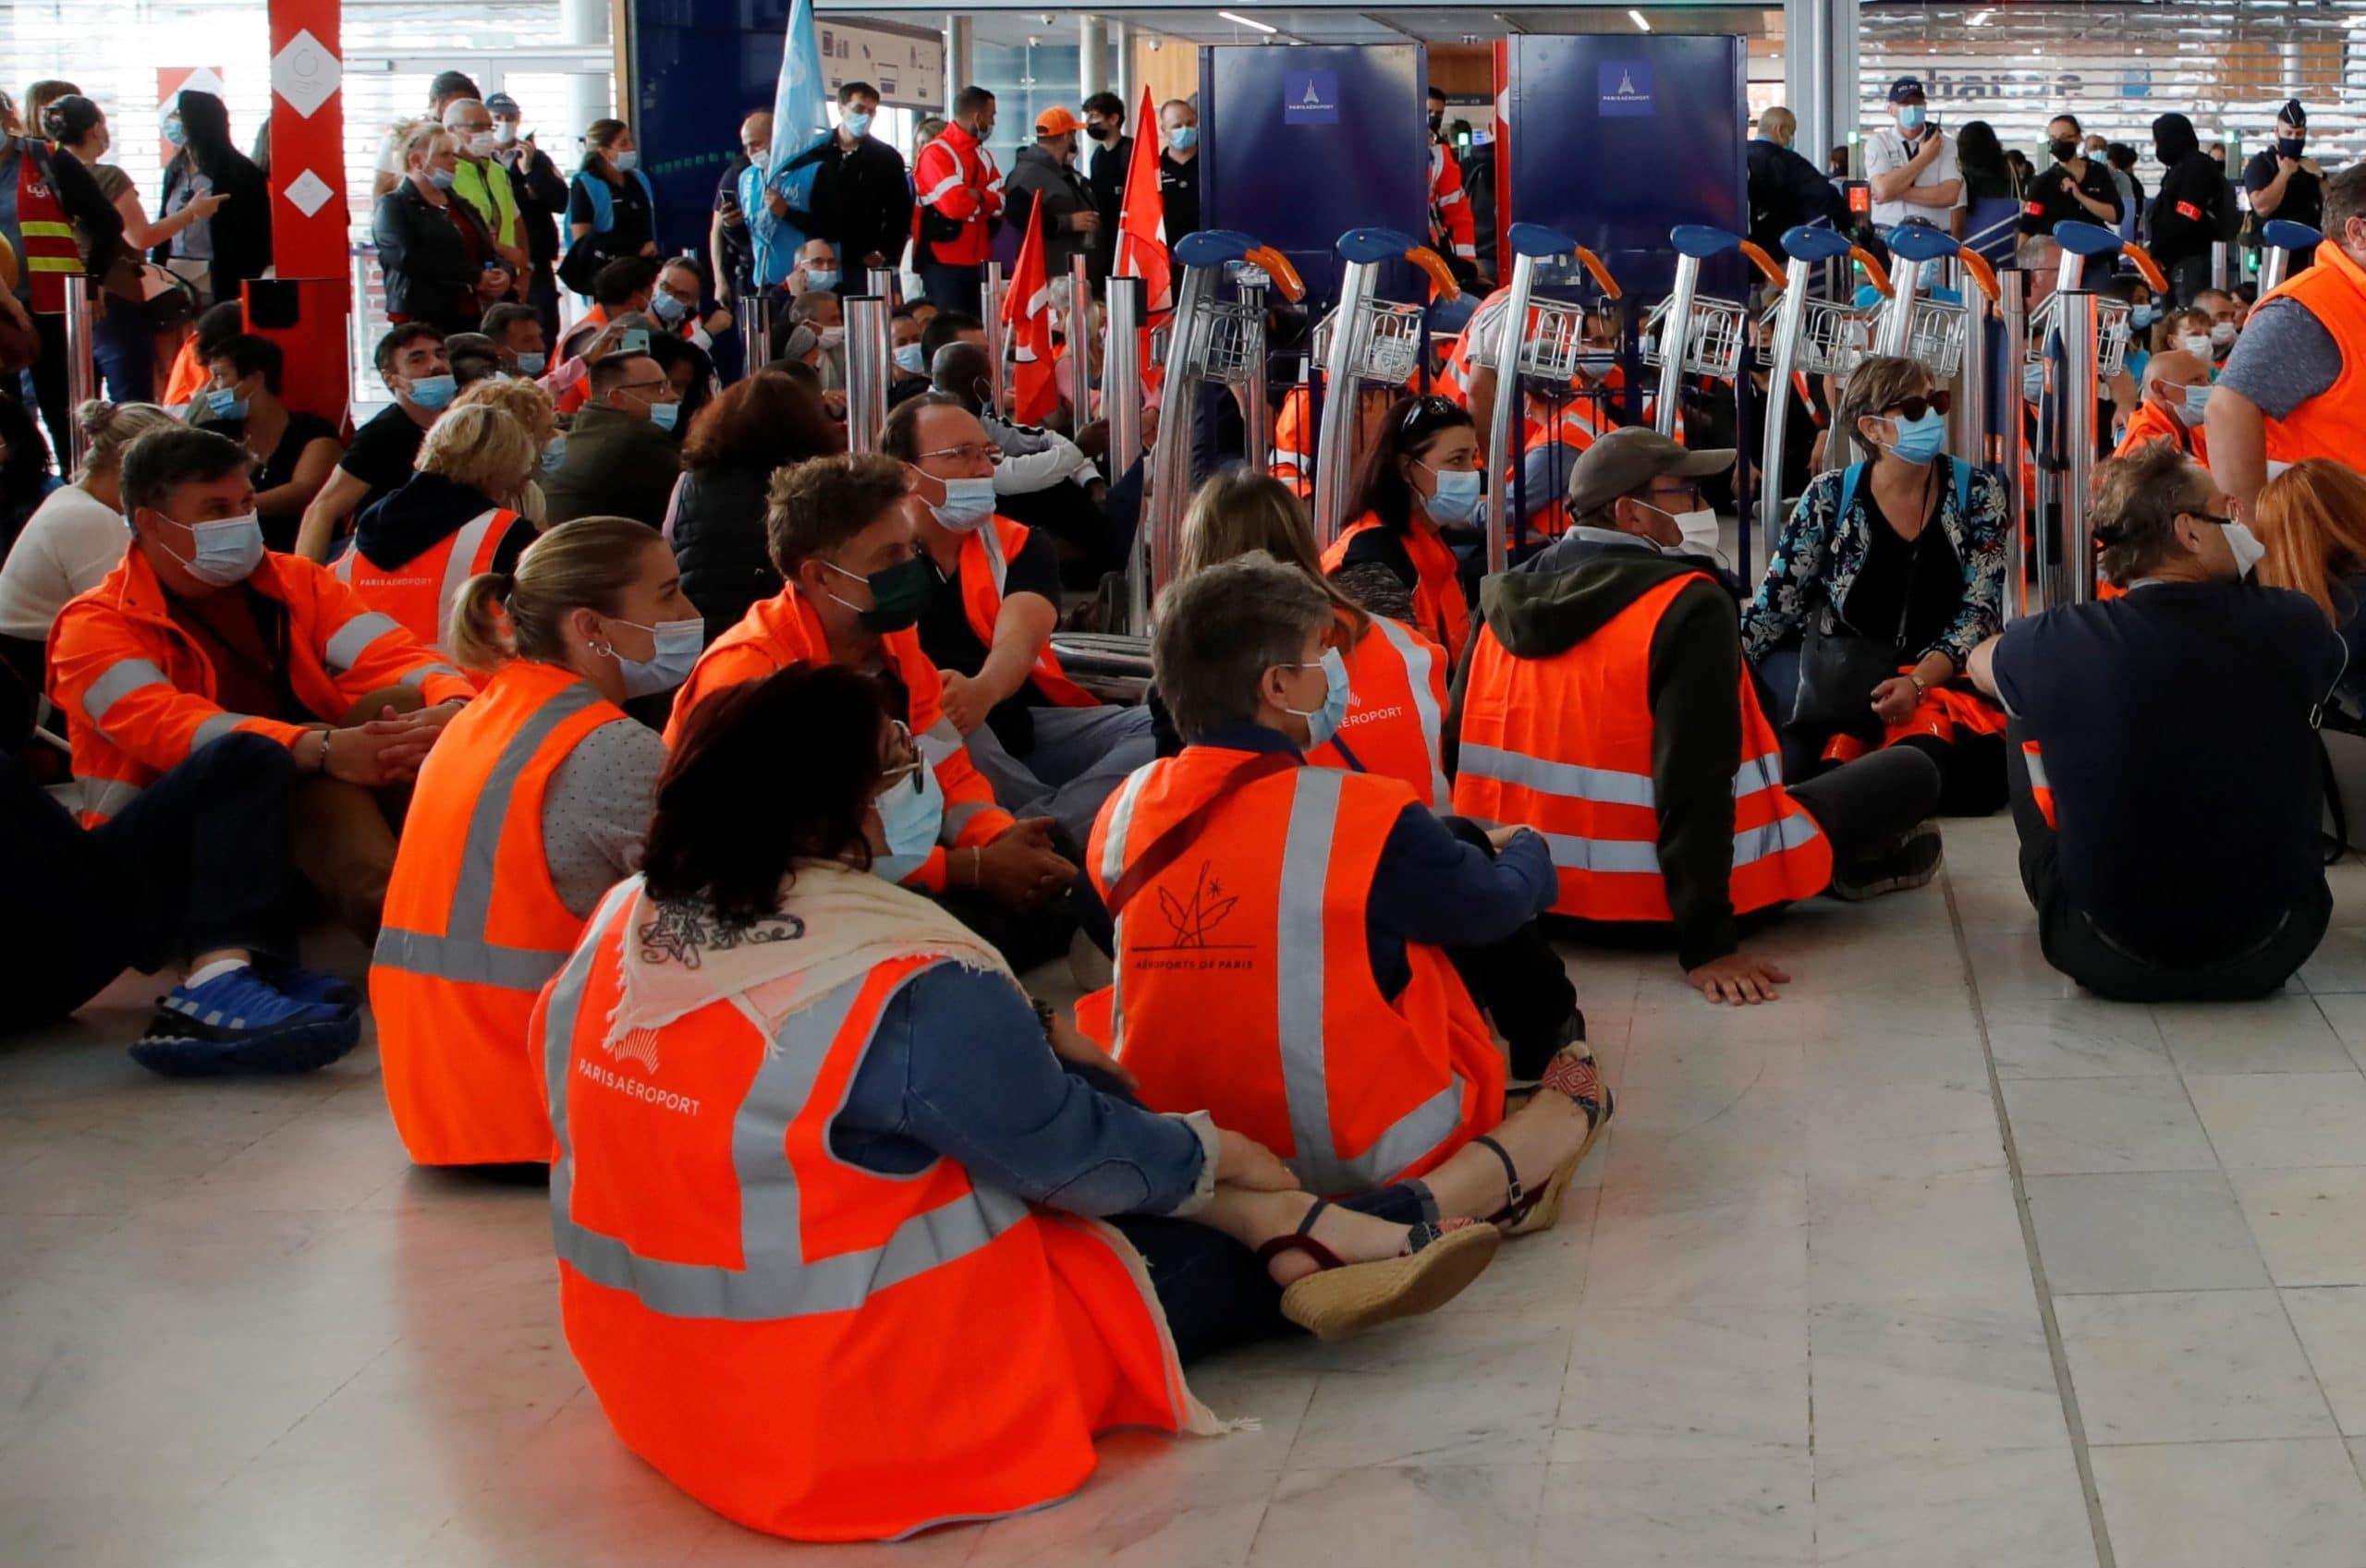 Aéroports de Paris : Des retards sur certains vols en raison d'une grève !